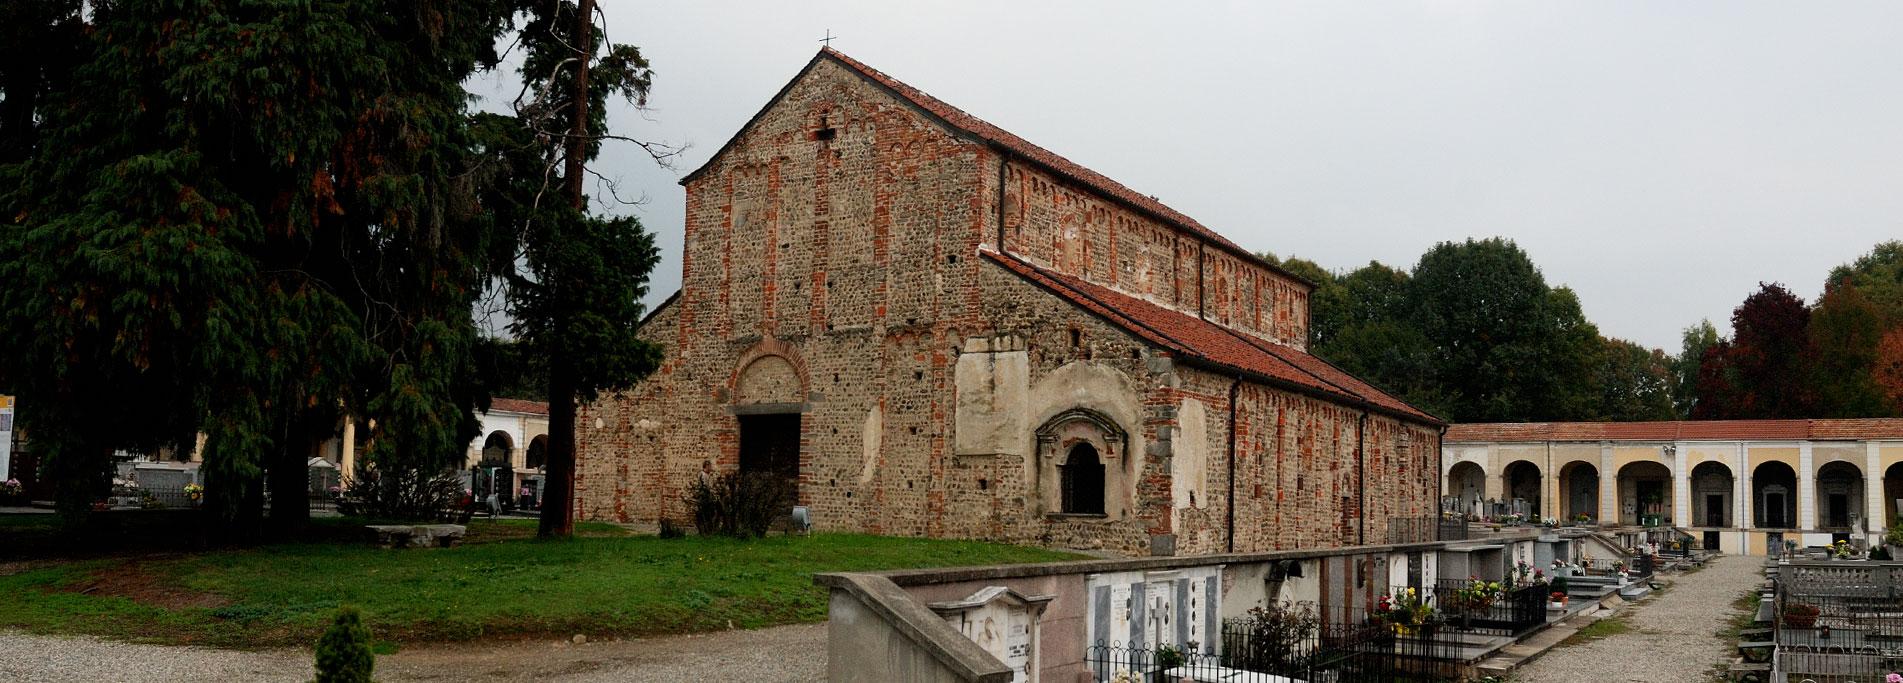 Chiesa di San Michele di Oleggio